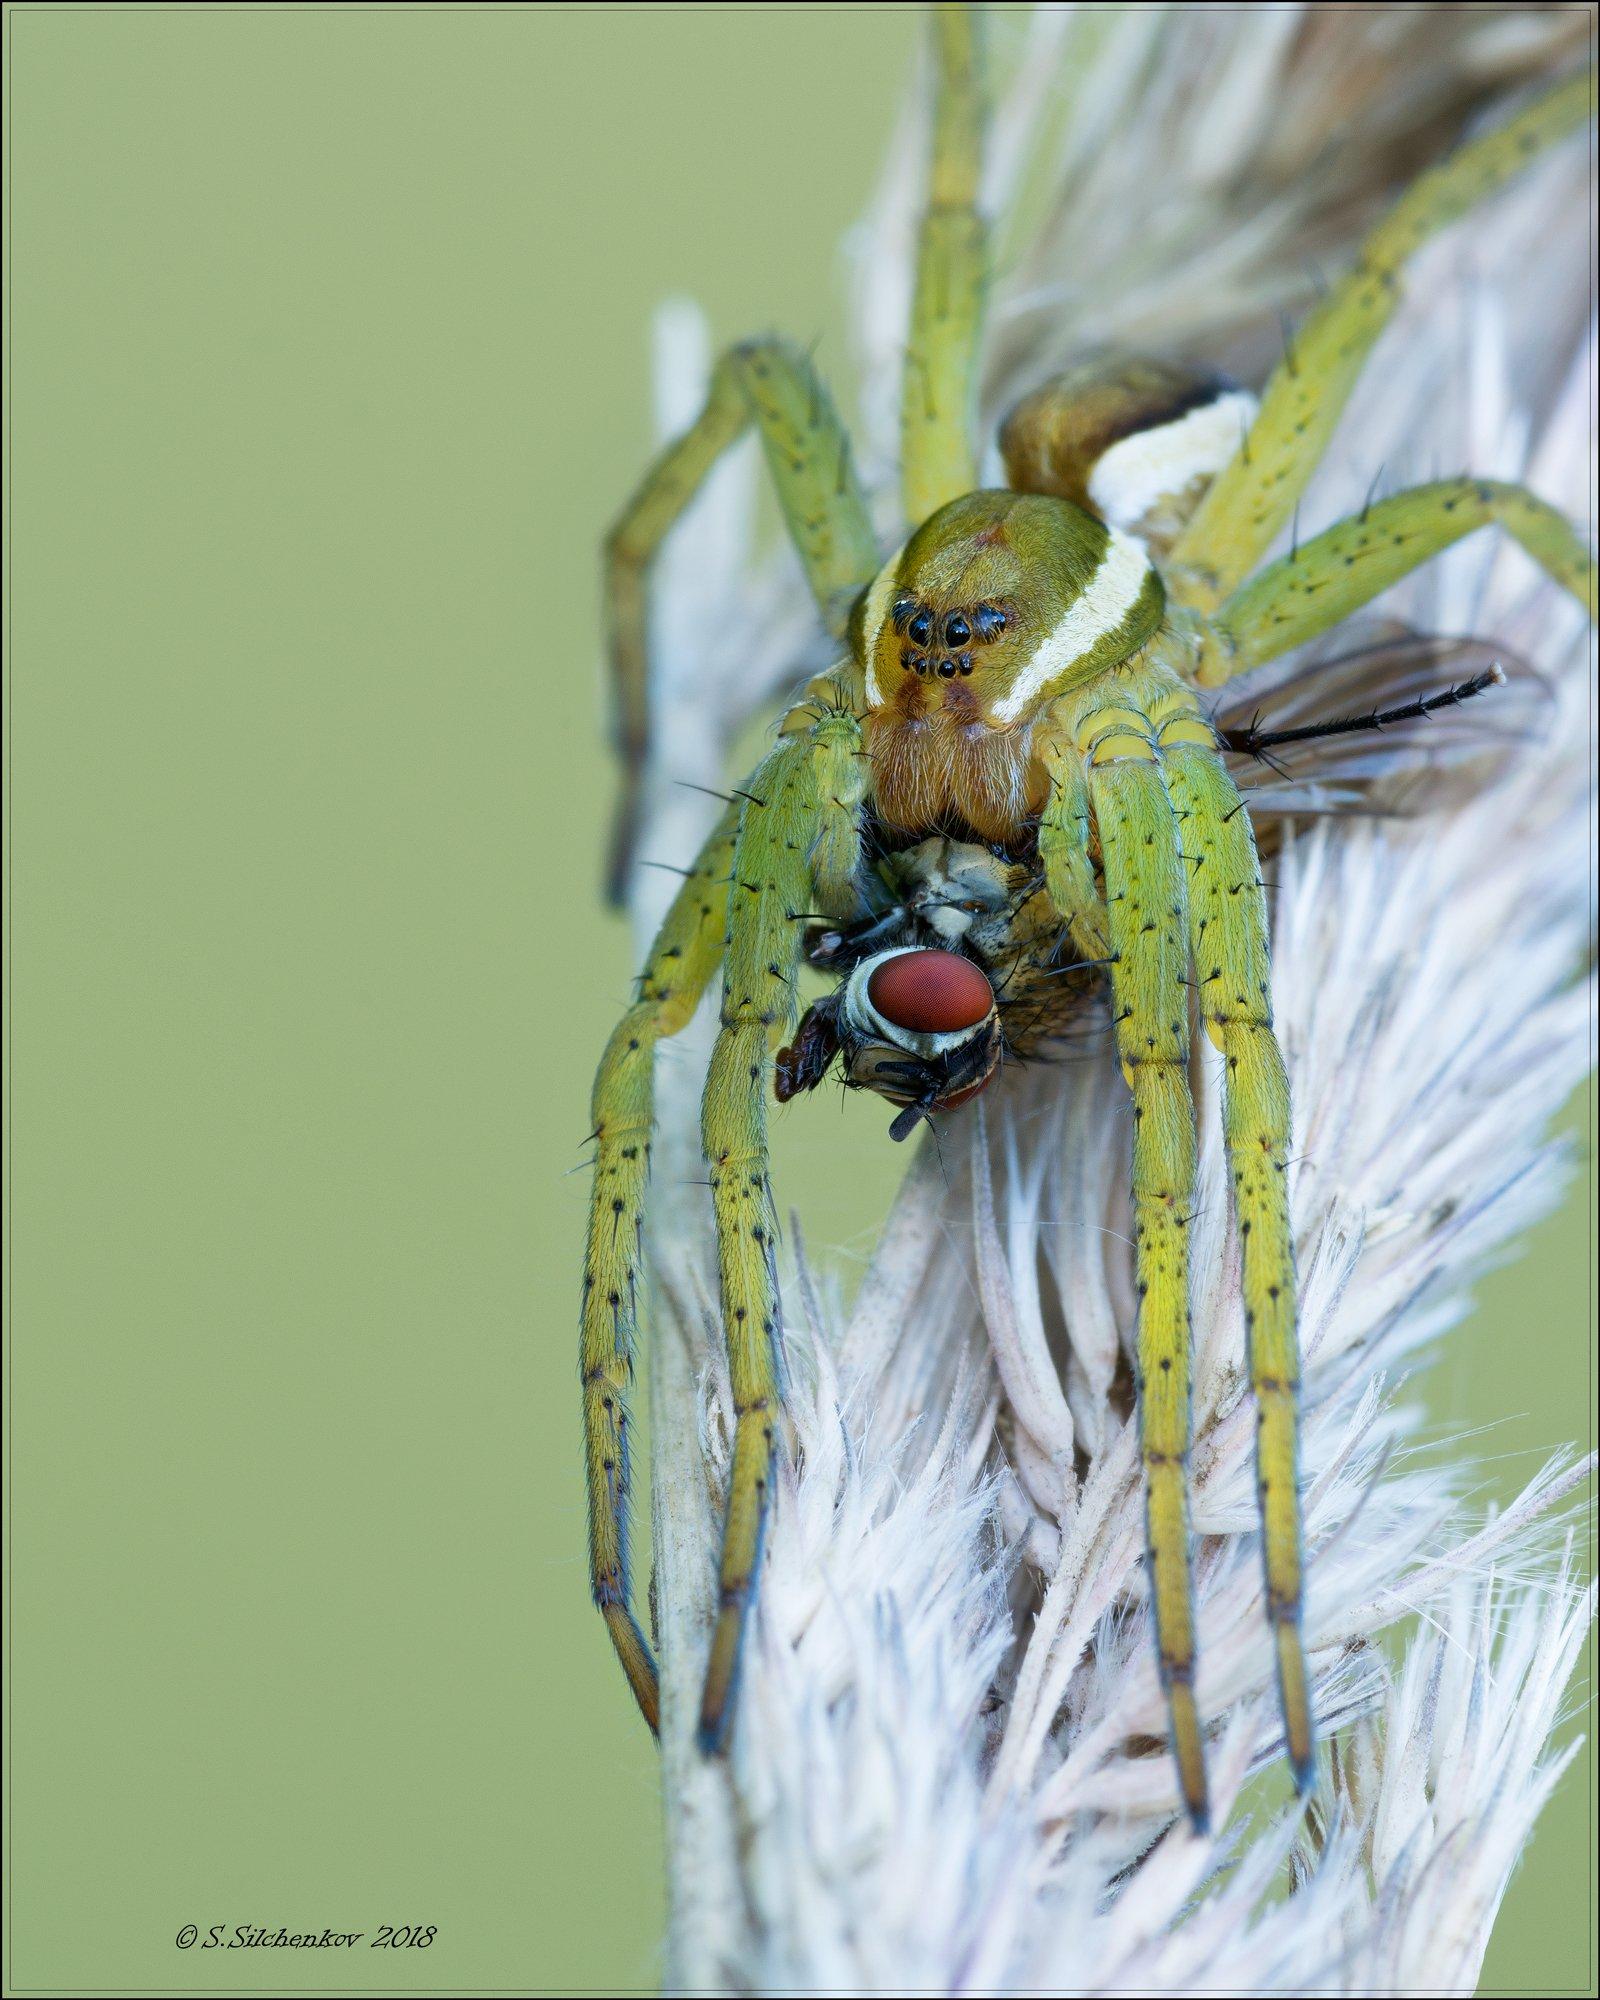 паук муха, Сергей Сильченков